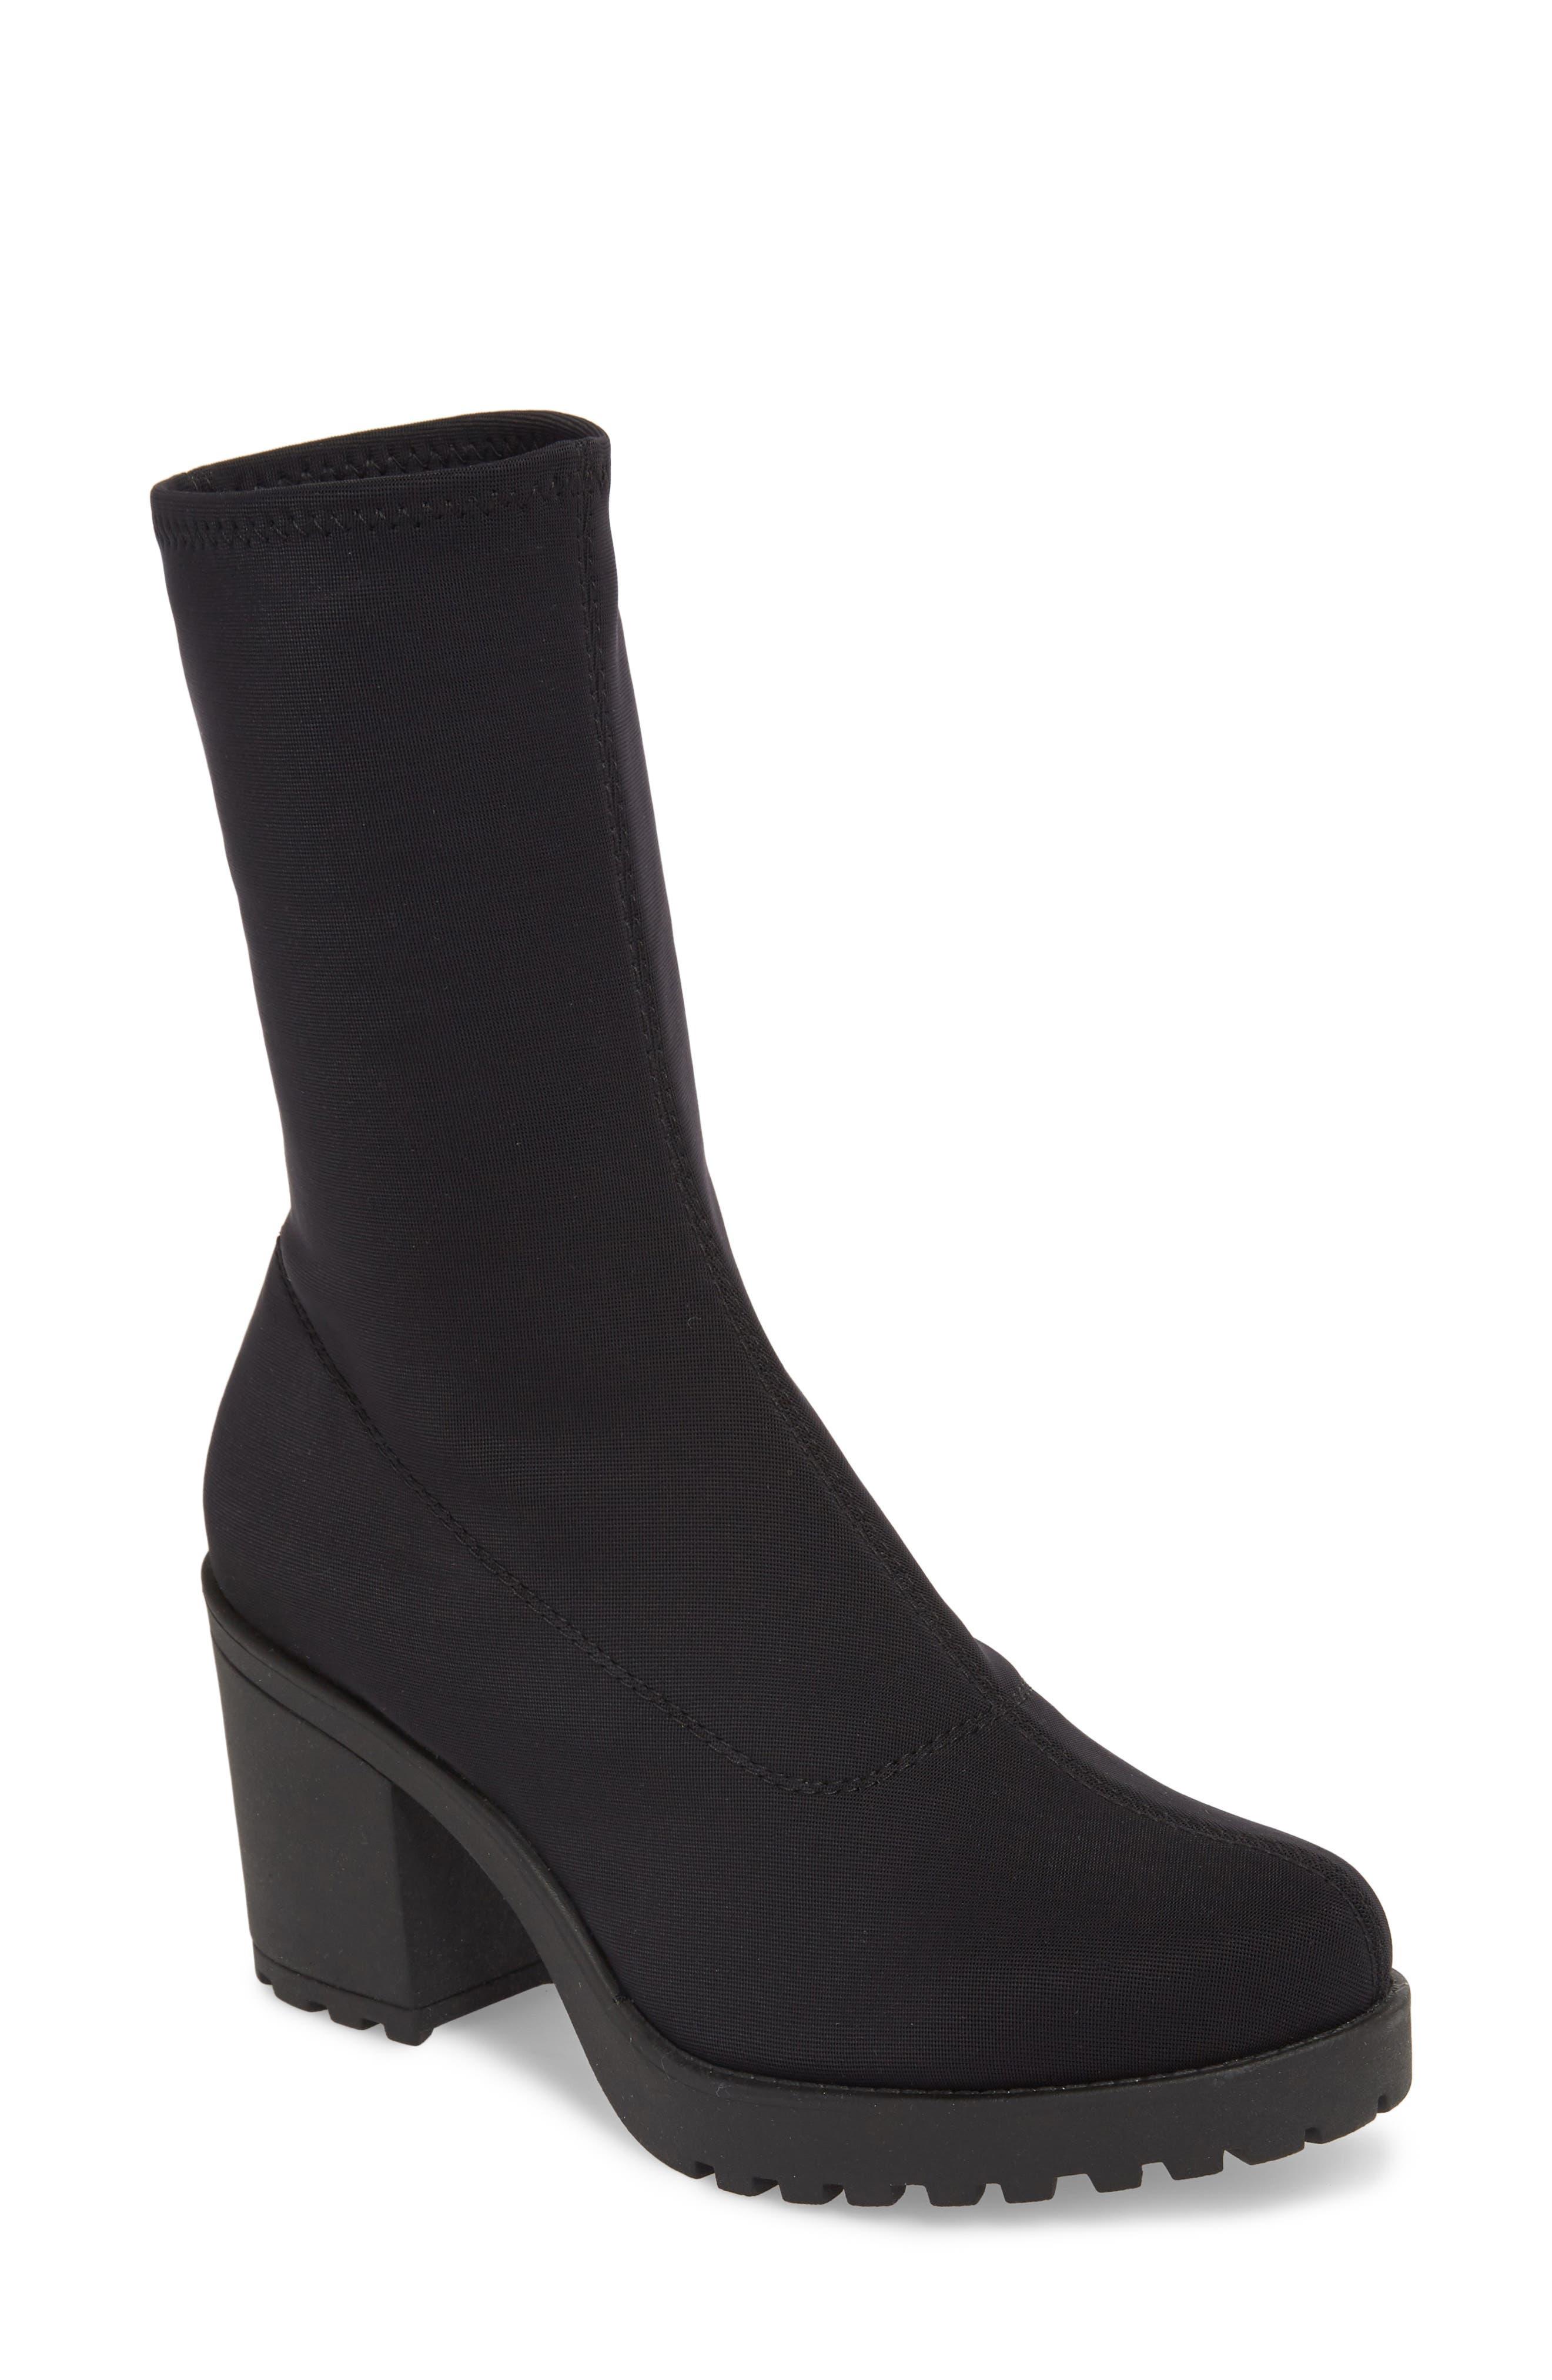 VAGABOND, Shoemakers Grace Platform Bootie, Main thumbnail 1, color, BLACK FABRIC